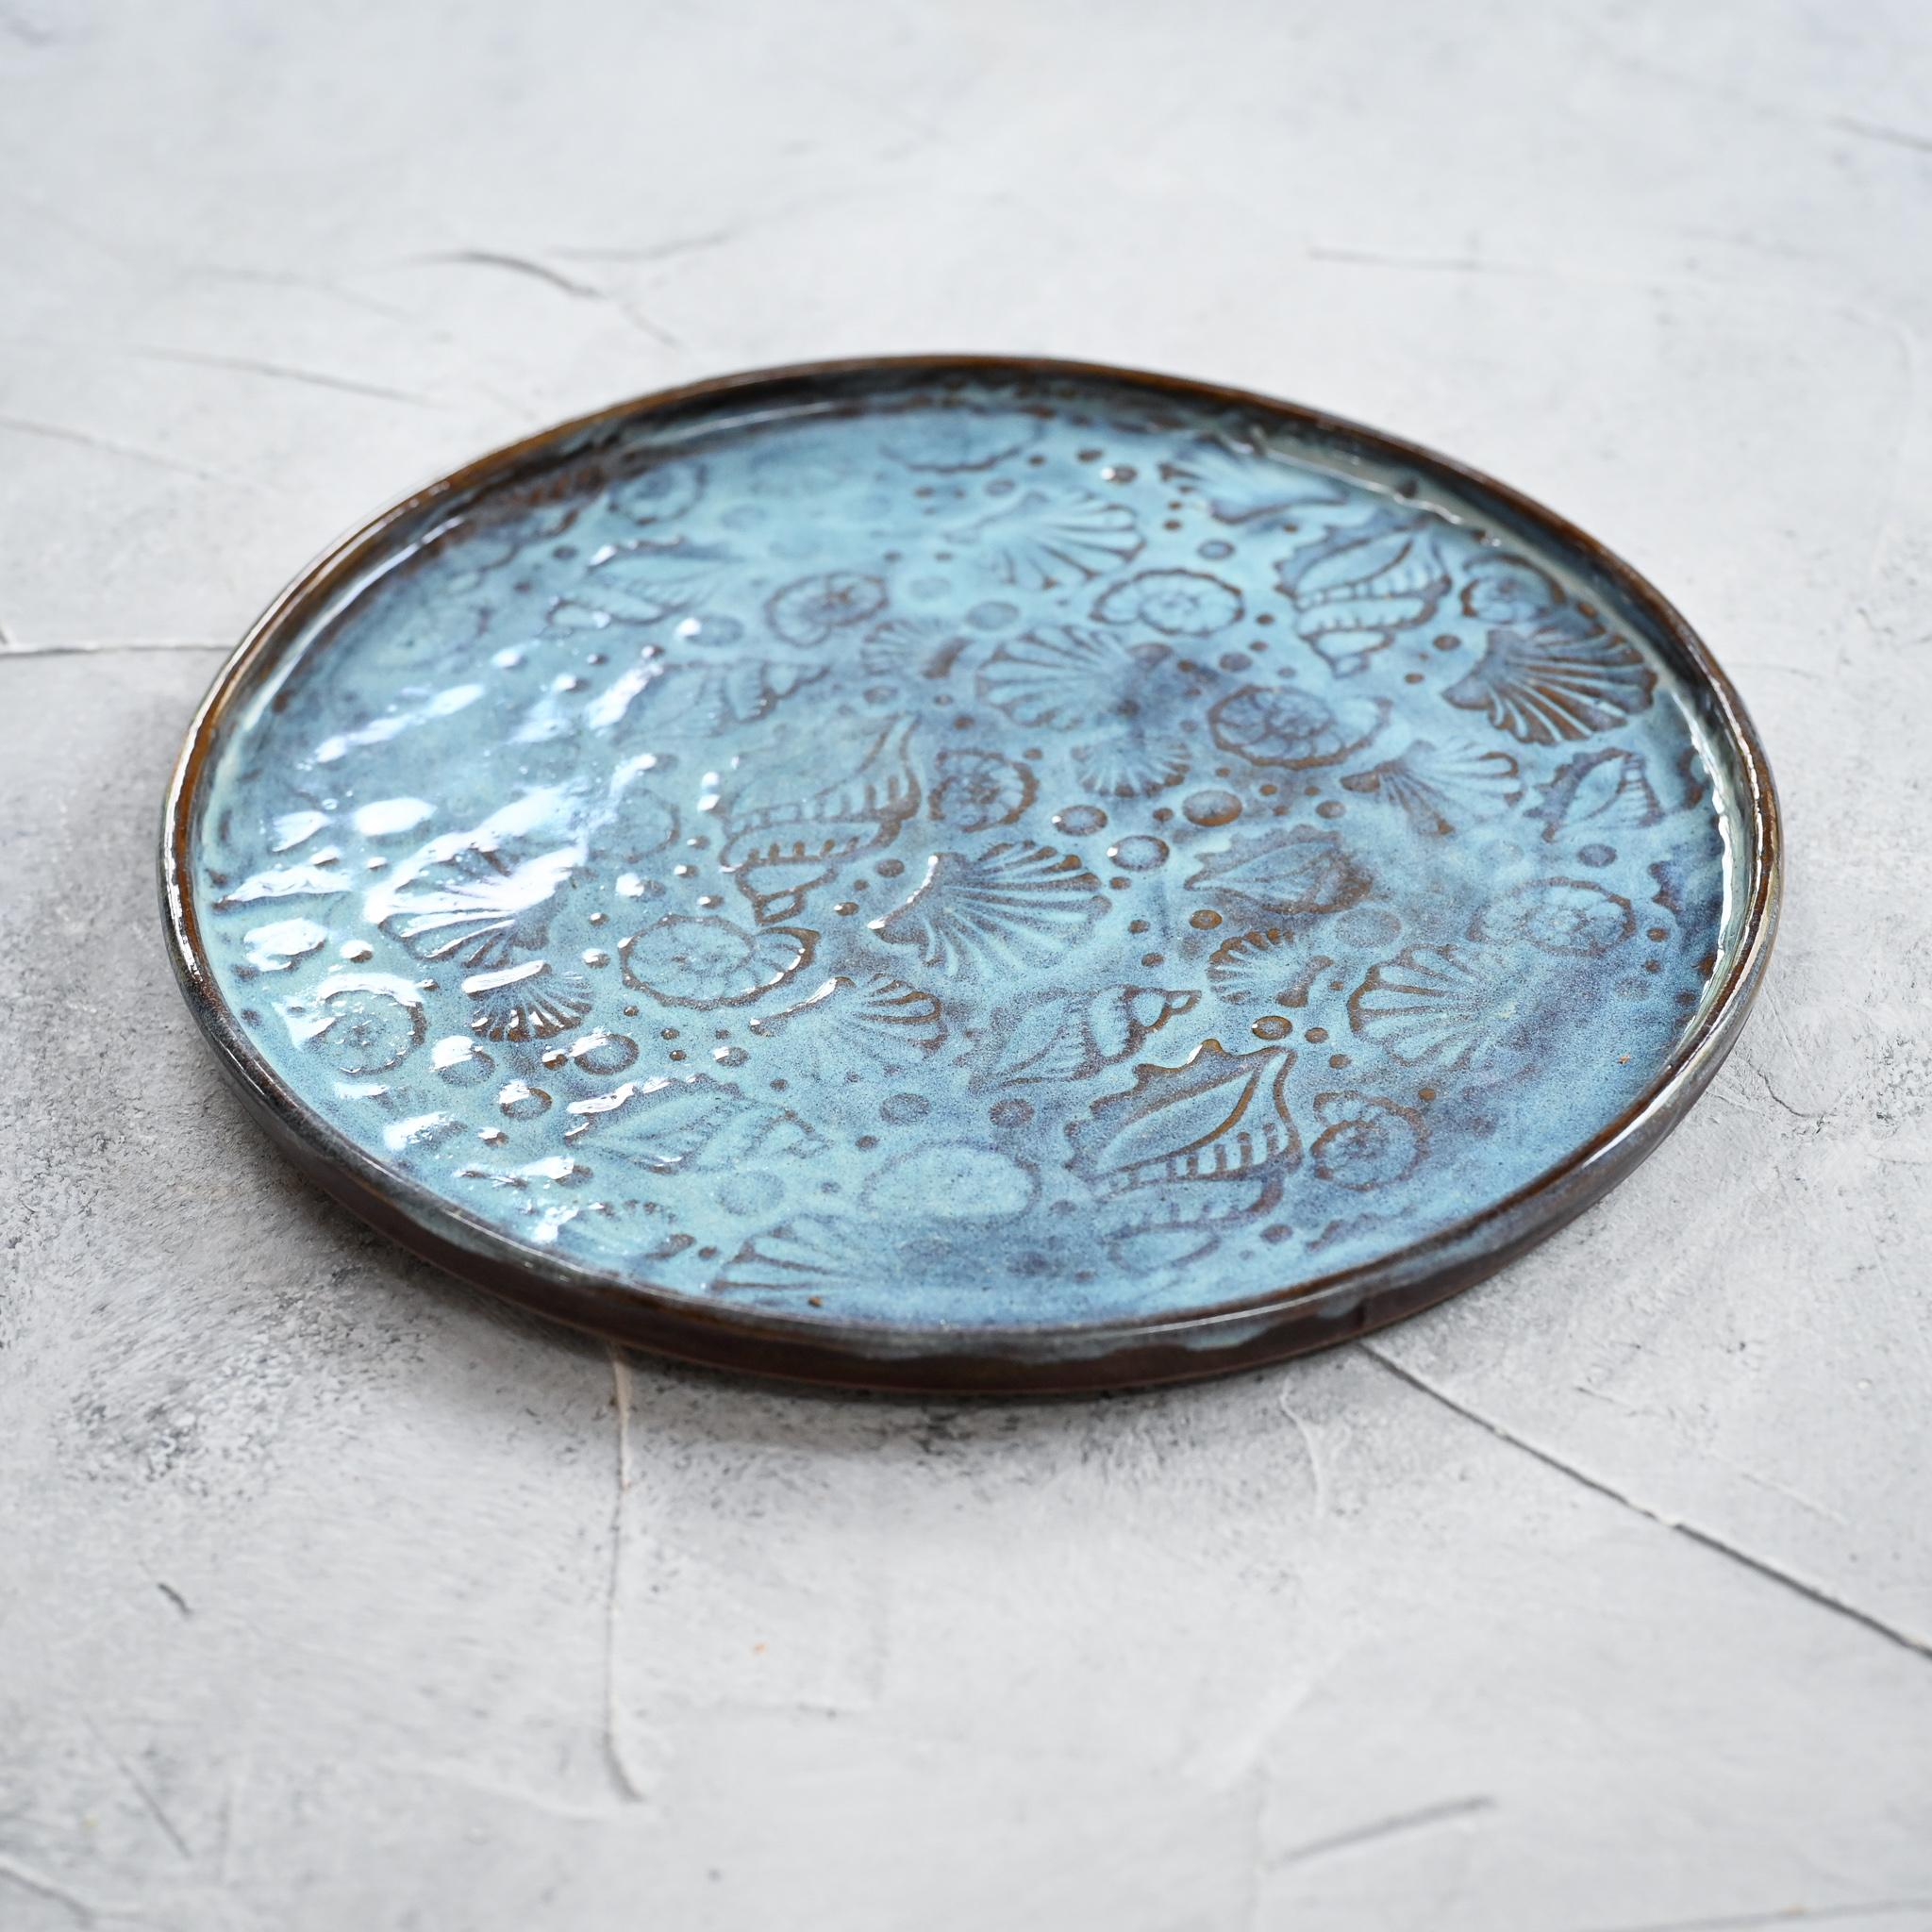 """картинка Керамическая тарелка """"Морское дно"""" 2 - DishWishes.Ru"""